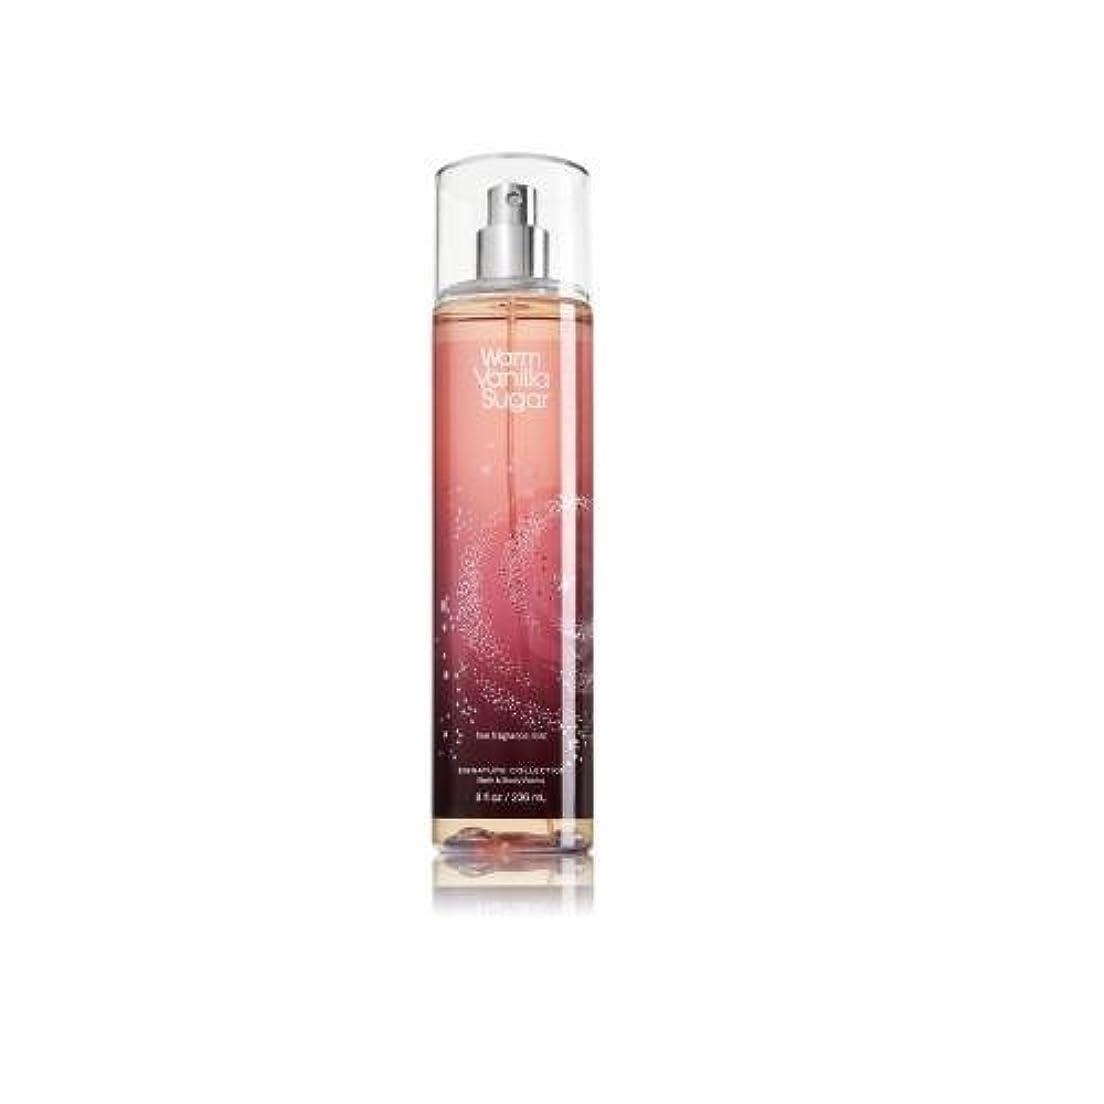 アリス日の出力学Bath & Body Works ウォームバニラシュガー フレグランスミスト warm vanilla sugar Fragrance Mist[並行輸入品]